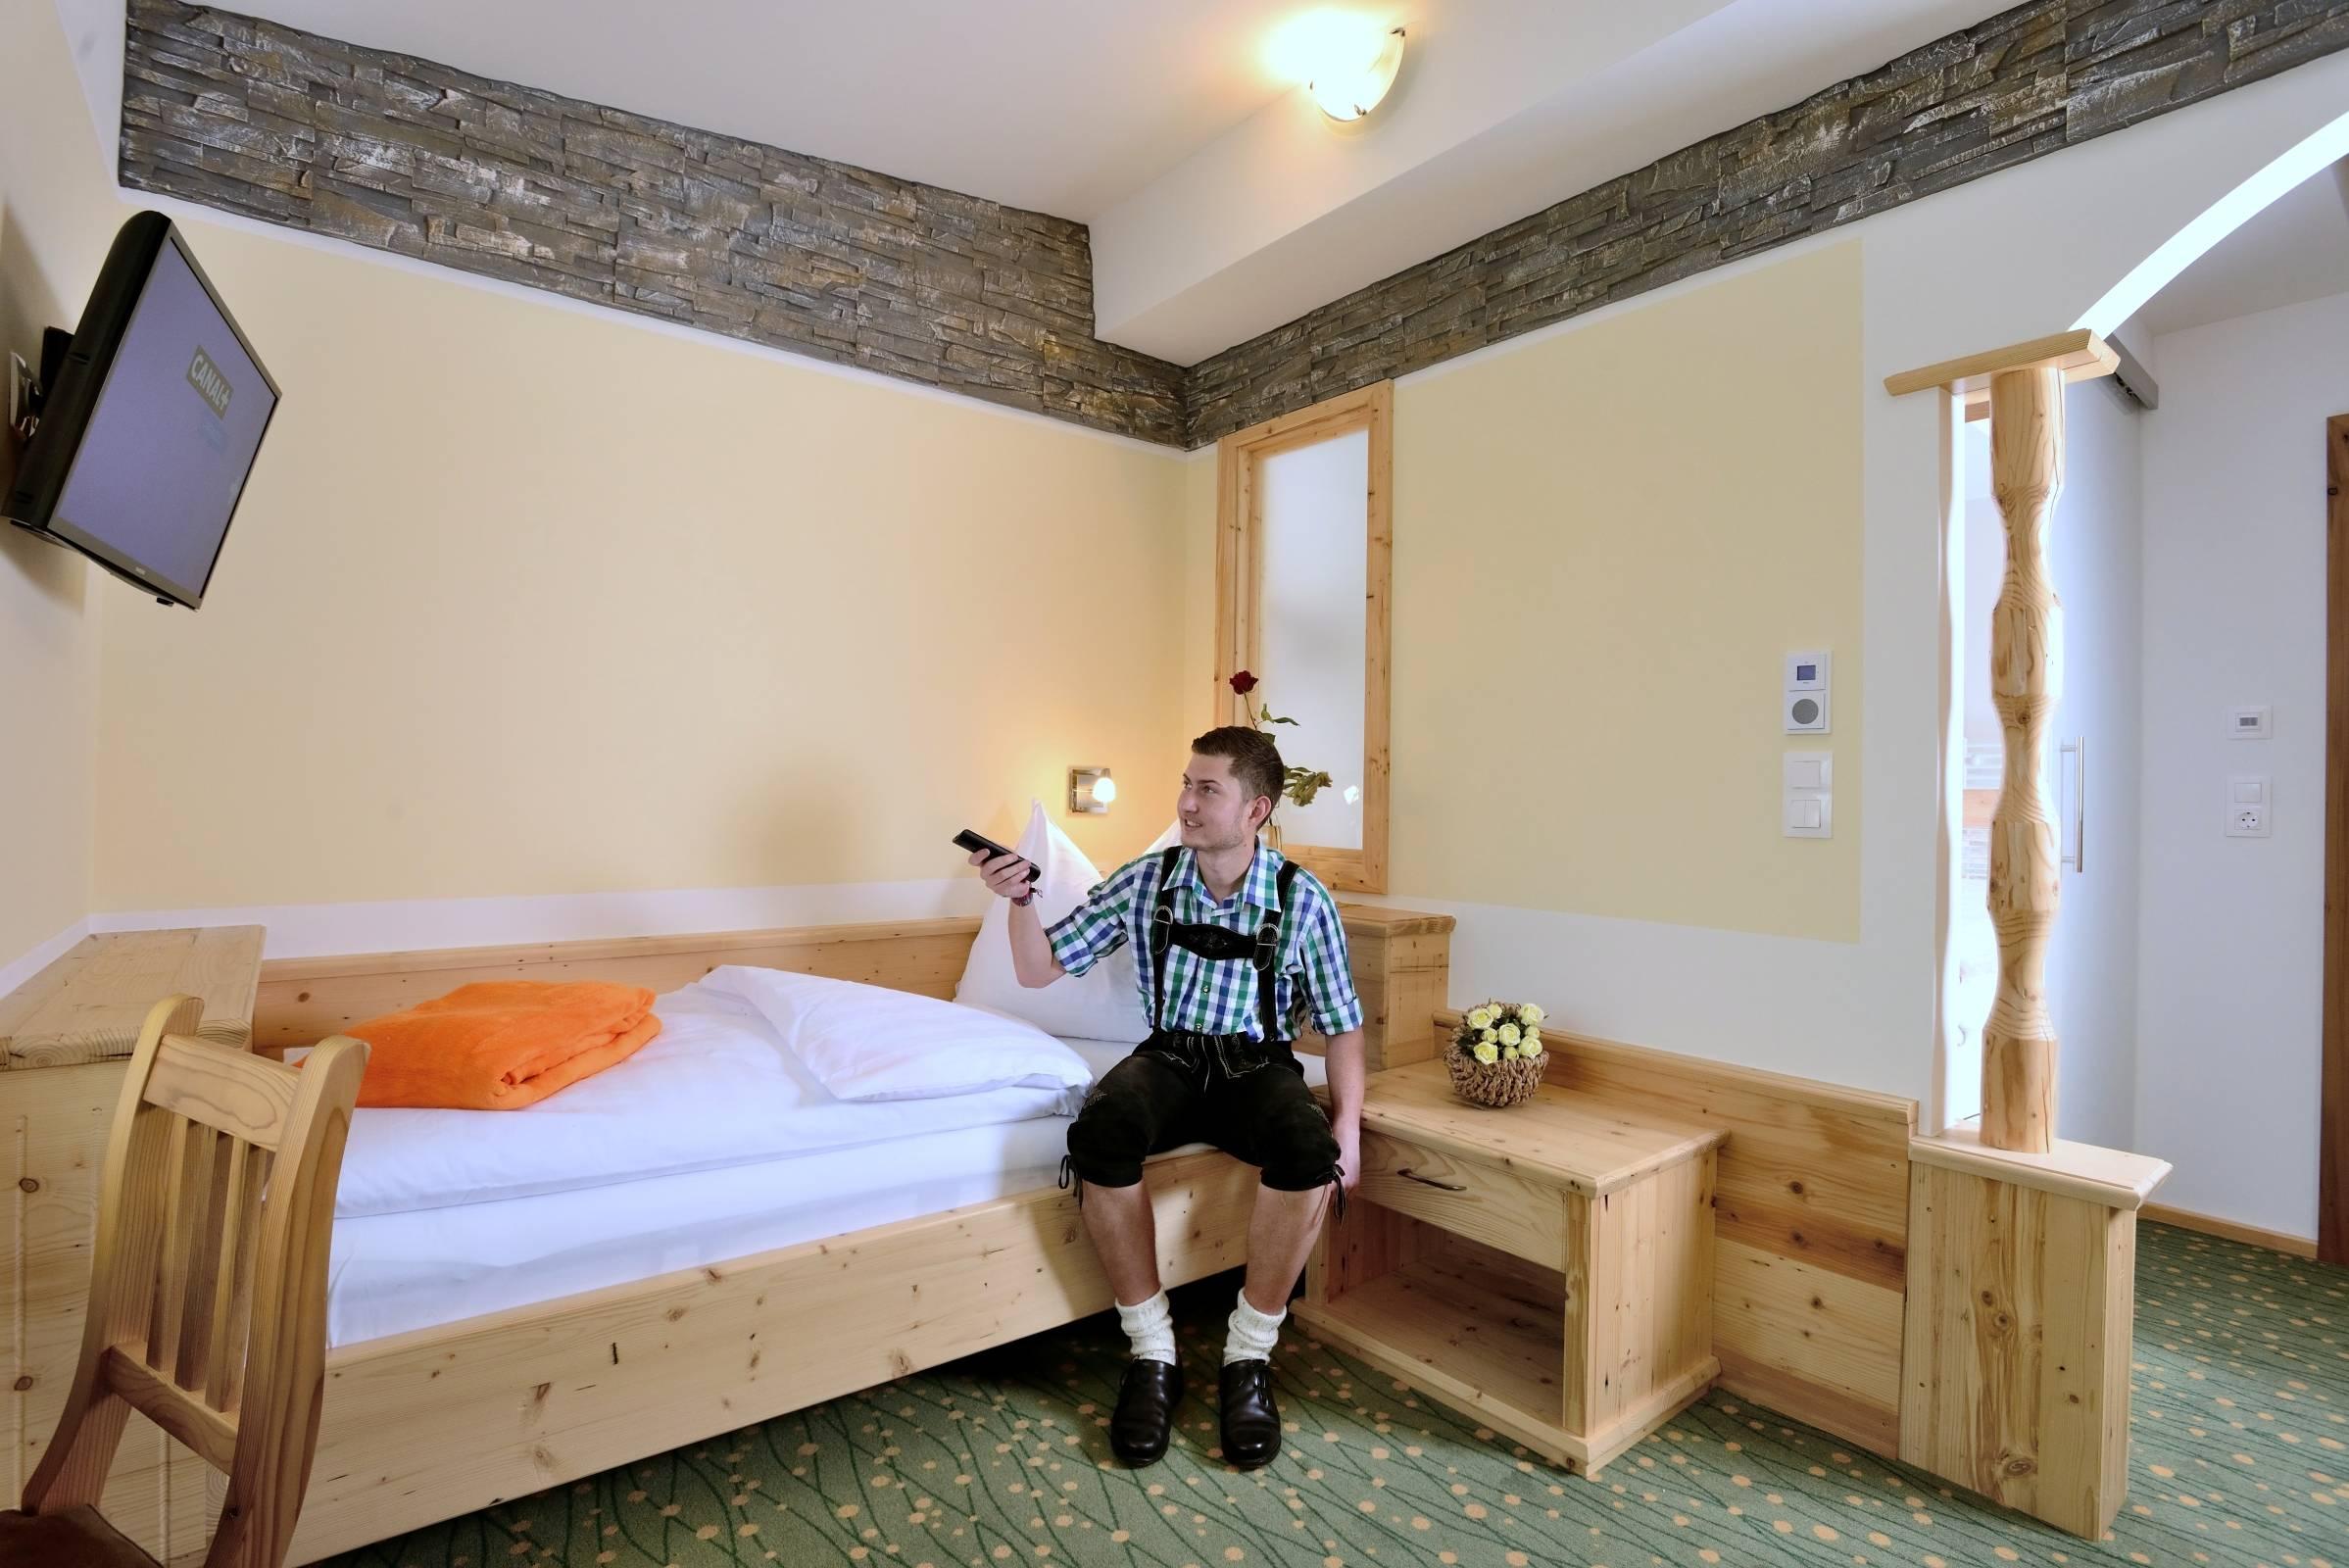 KLICKEN Singles ber 40 Sankt Lorenzen im Mrztal